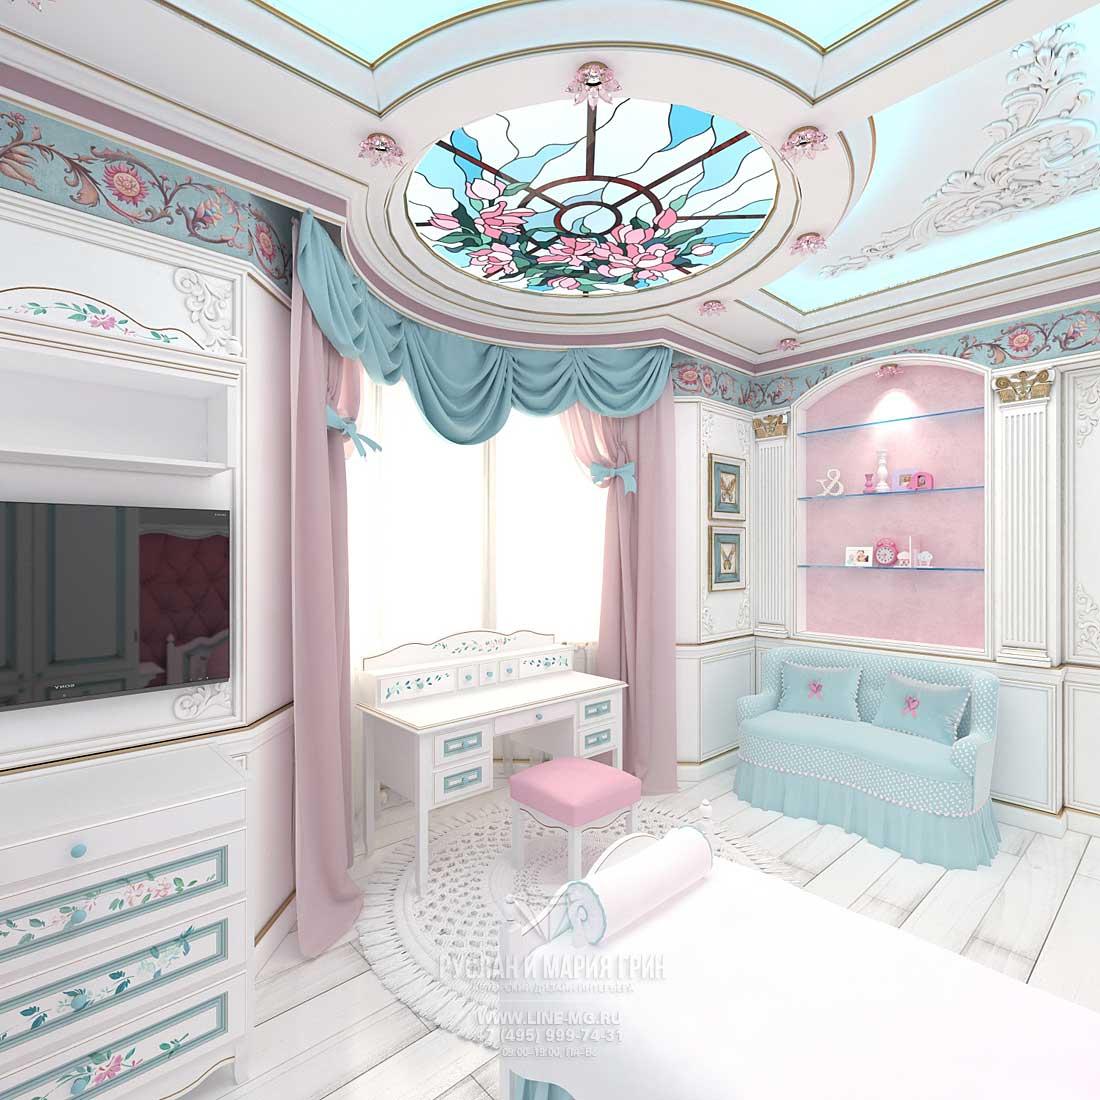 Детская комната для девочки. Фото 2015